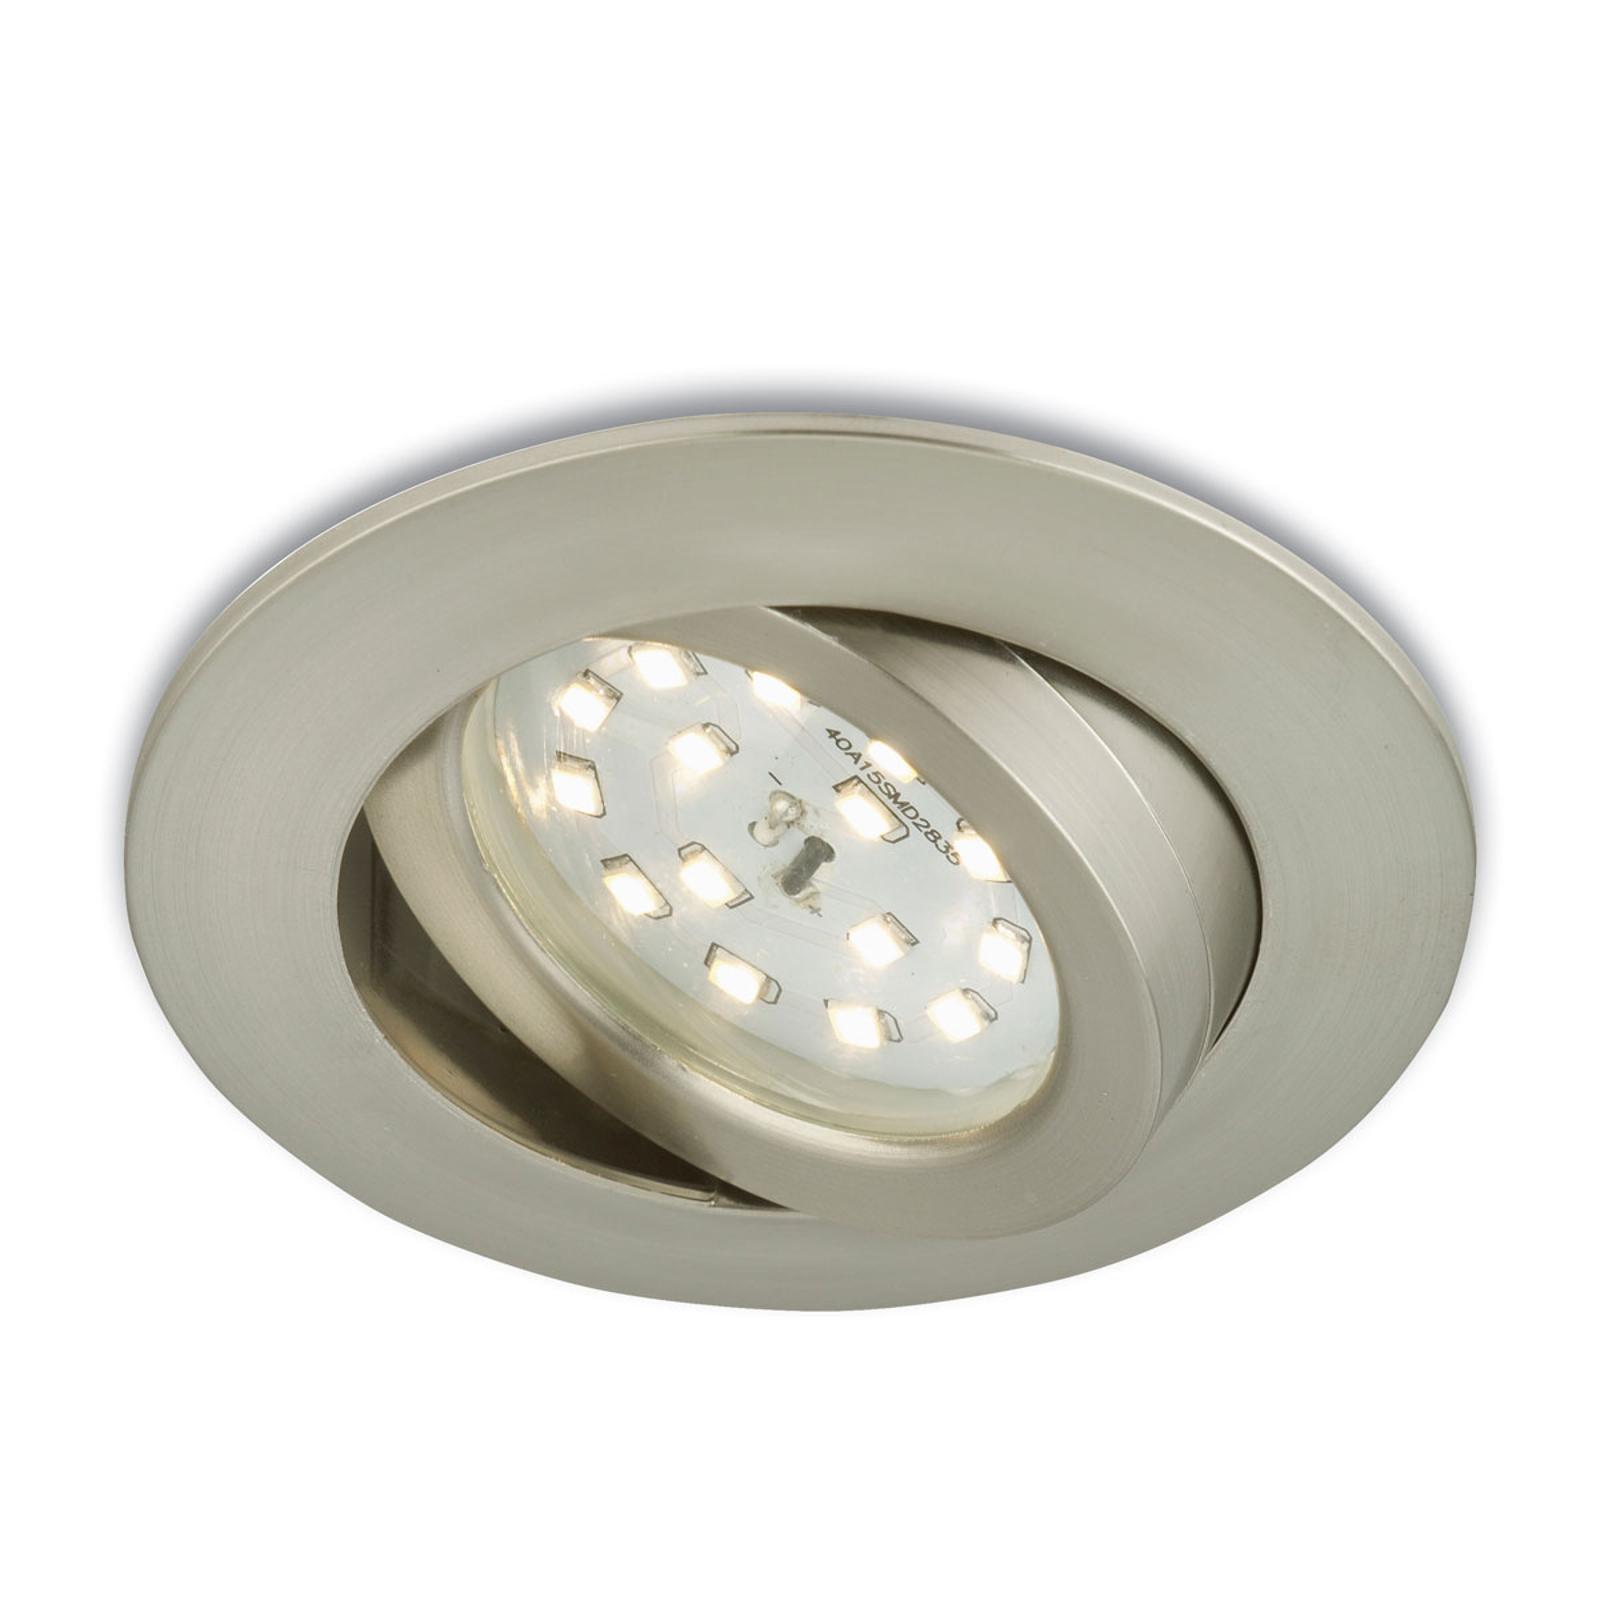 Erik fleksibel LED-indbygningsspot, mat nikkel